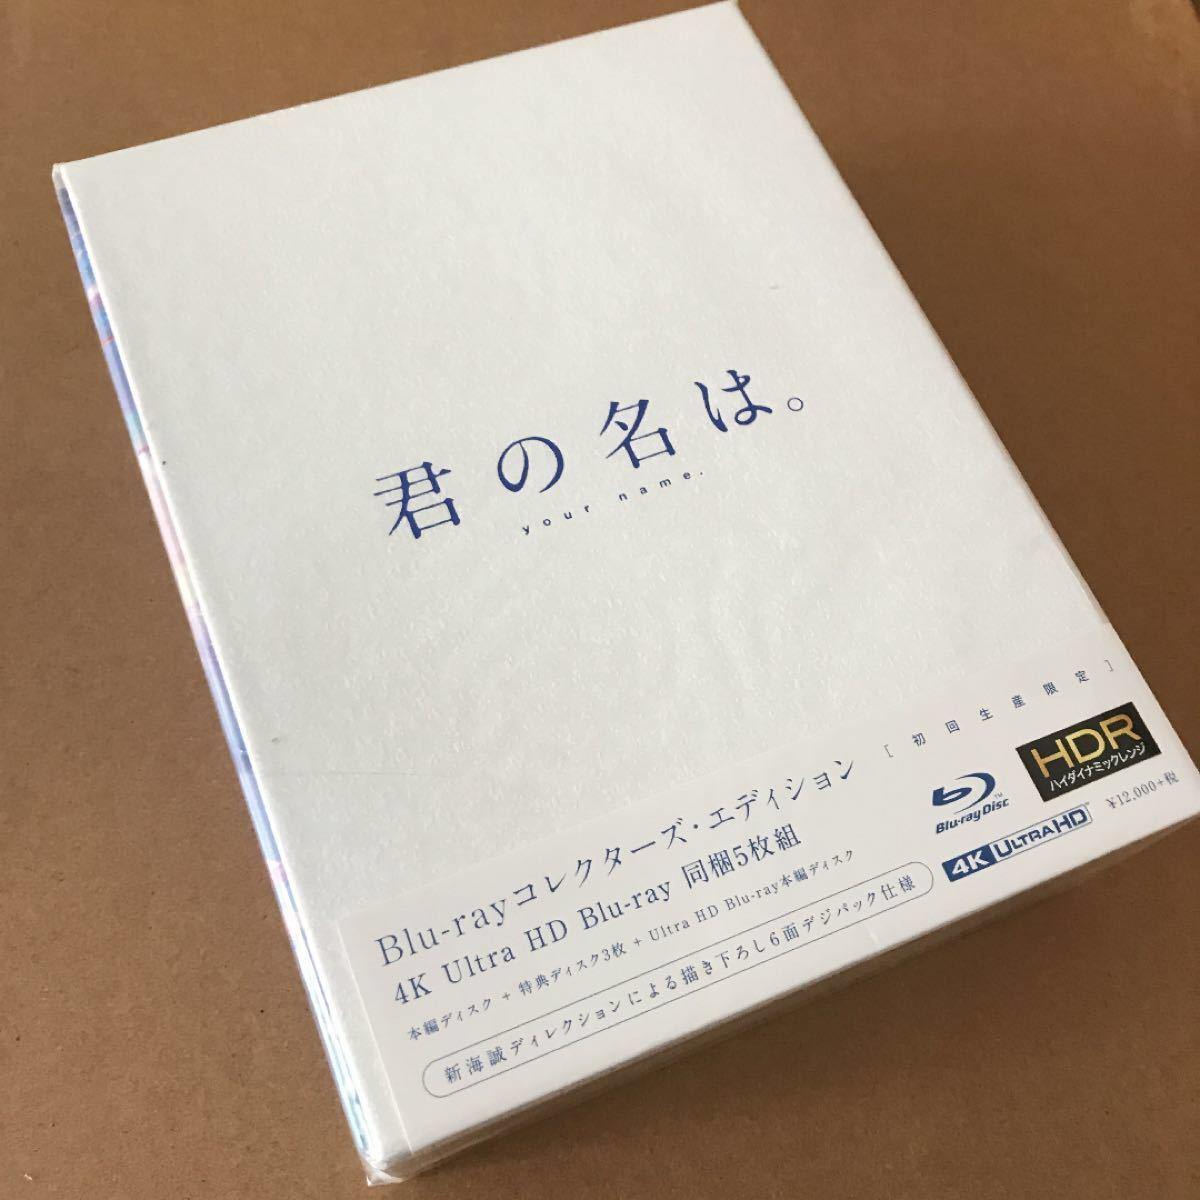 君の名は。 コレクターズ Blu-ray 初回生産 限定版